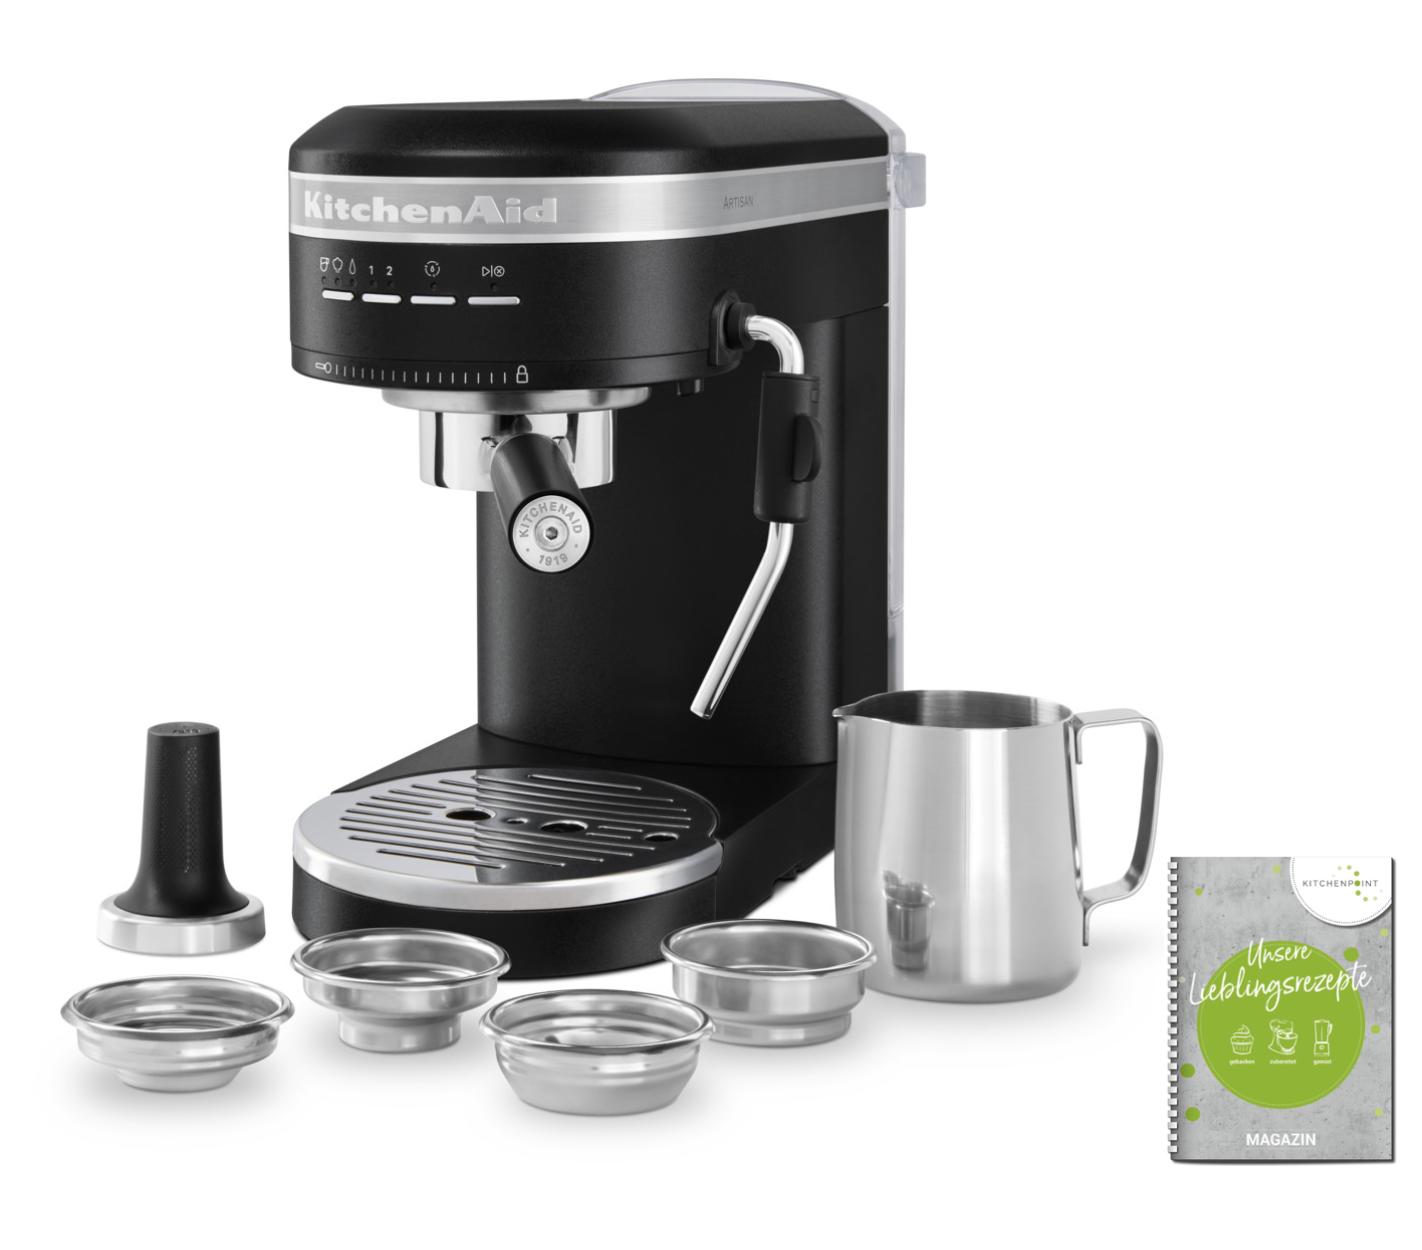 KitchenAid Espressomaschine Artisan Imperial Schwarz